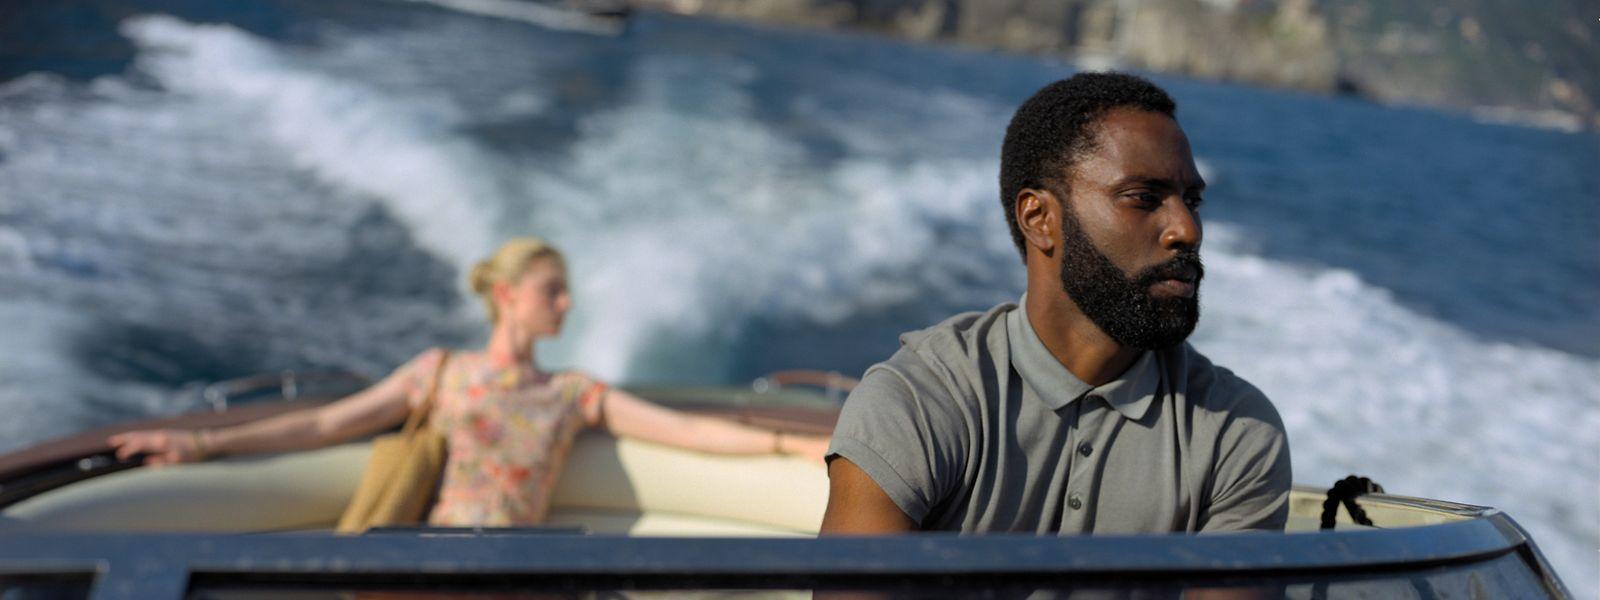 Unter anderem vor der malerischen italienischen Amalfi-Küste setzt Christopher Nolan seine futuristische Geschichte mit dem namenlosen Protagonisten (John David Washington) und Kat (Elizabeth Debicki) um.